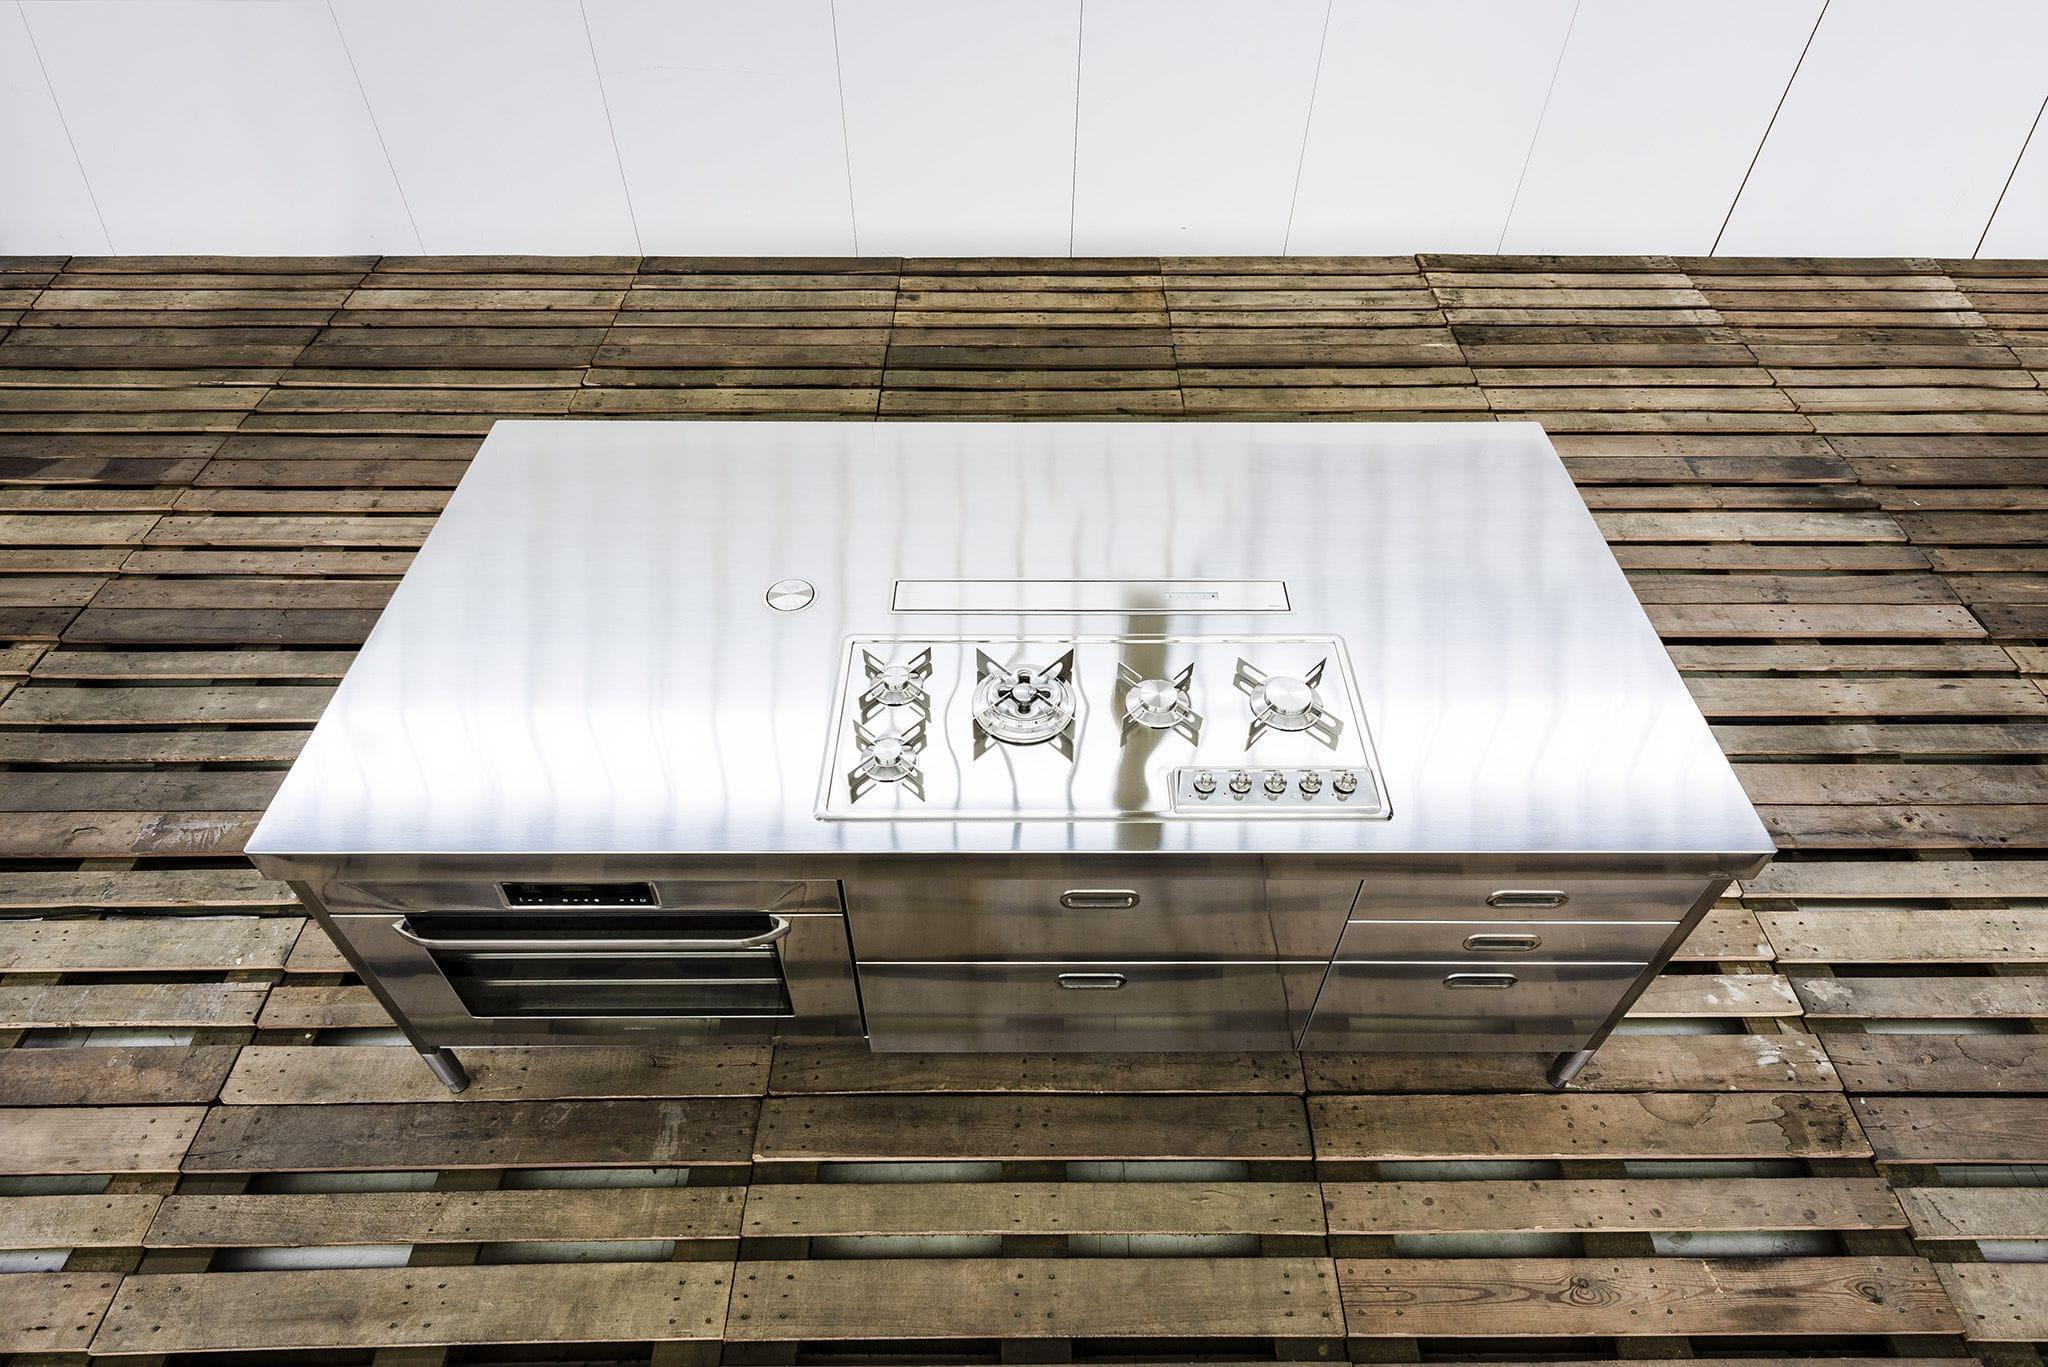 Isla de cocina - 250 WITH BUILT-IN EXTRACTOR HOOD - ALPES-INOX